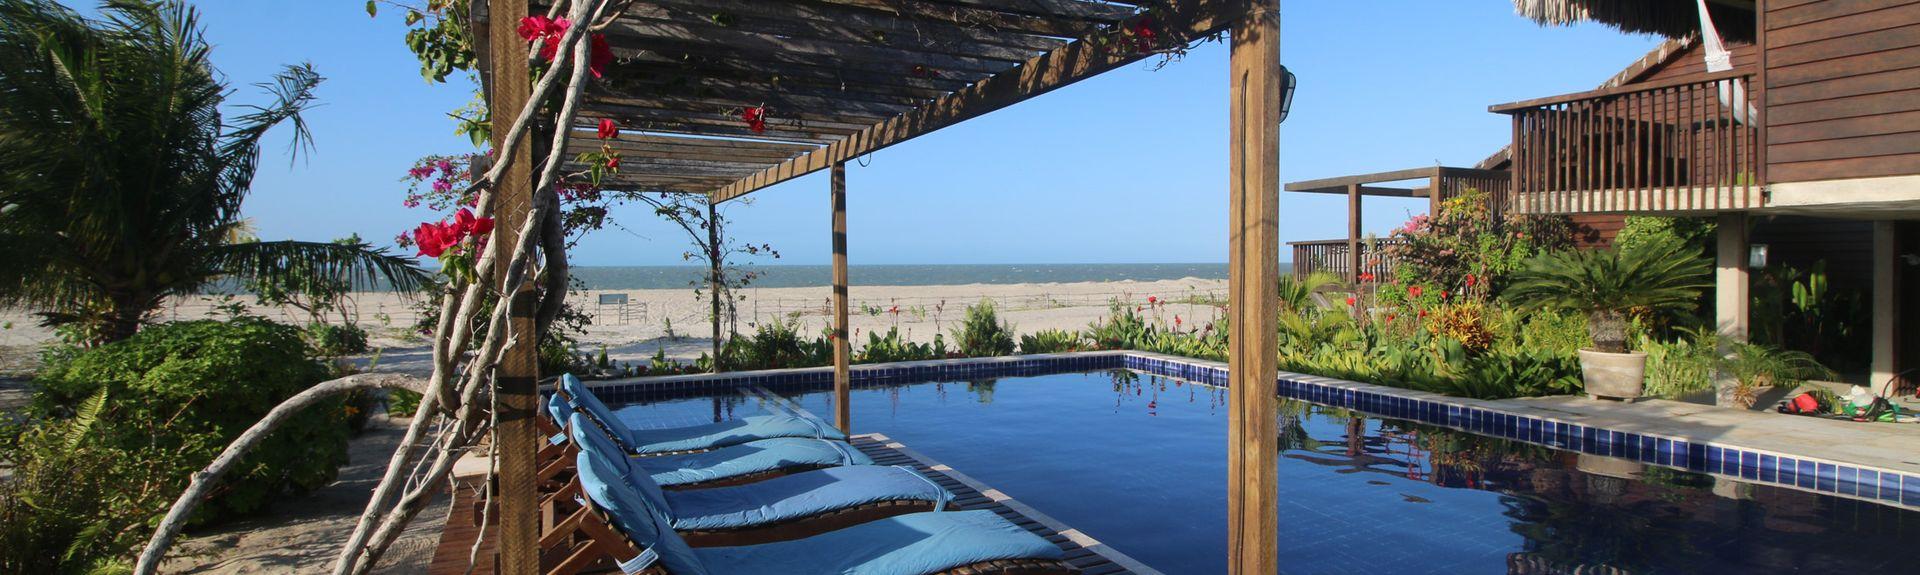 Playa Mangue Seco, Jericoacoara, Ceará, Brasil